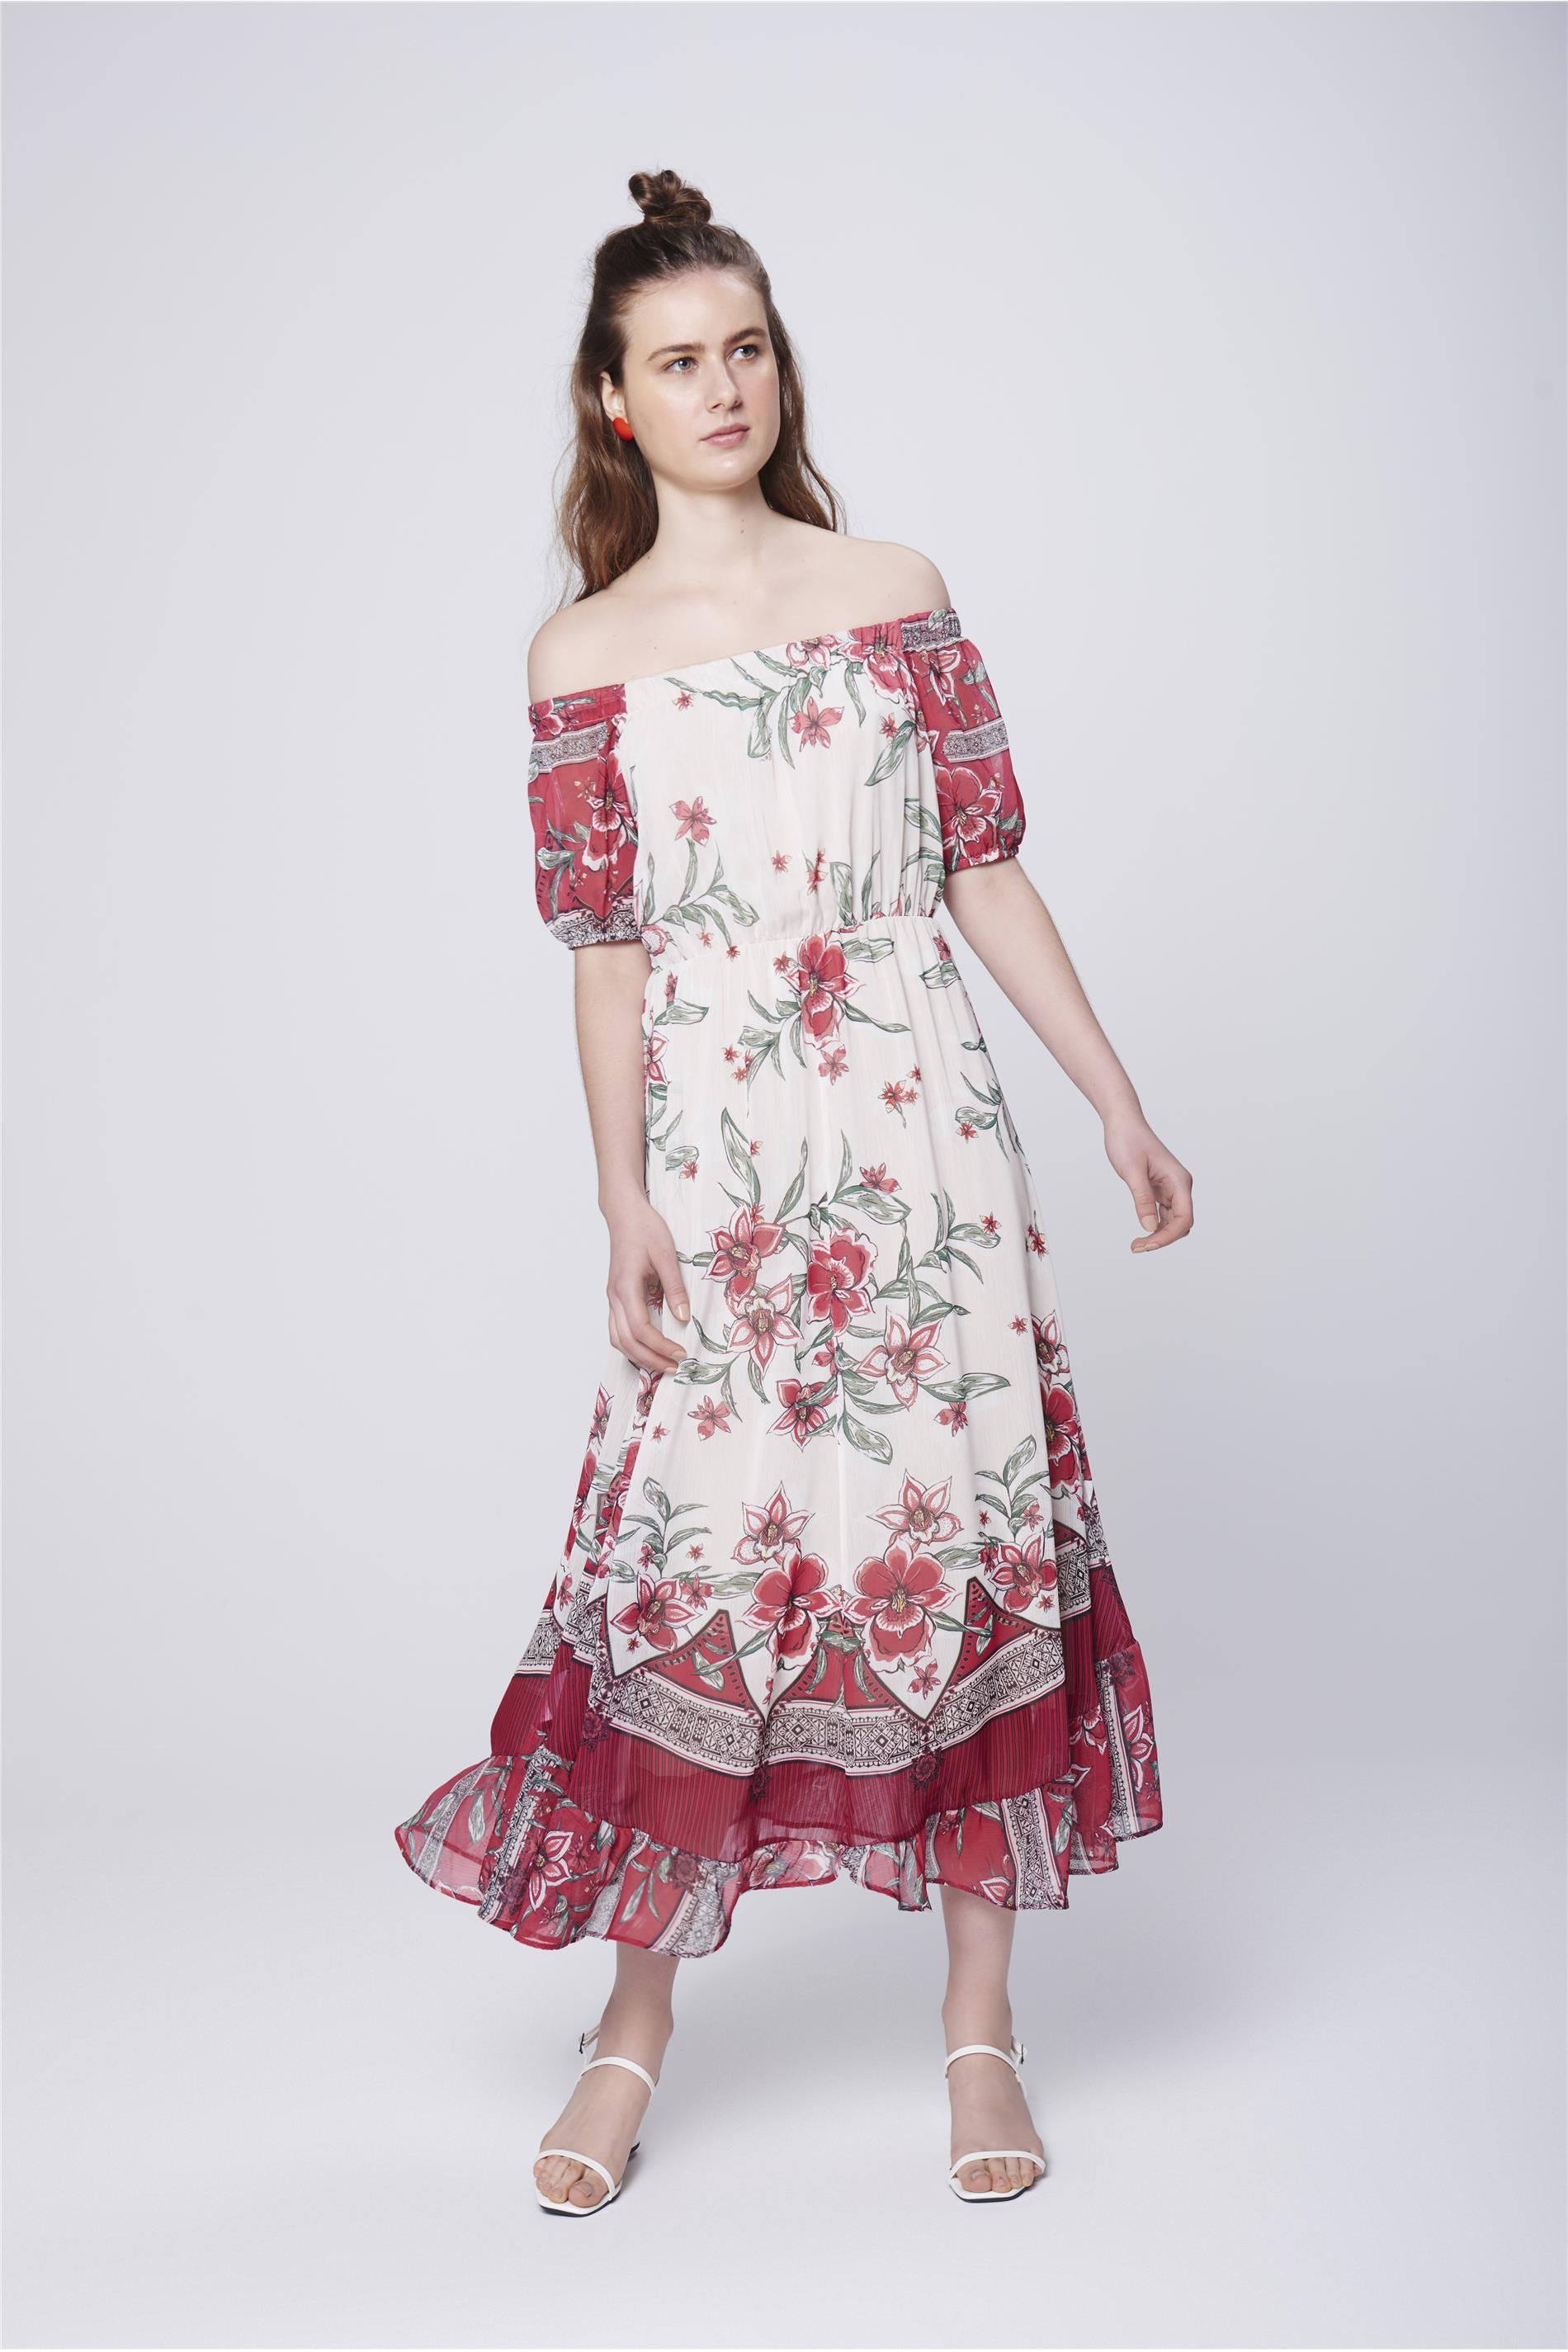 89e8cbd53 Vestido Longo Fluído com Estampa Floral - Damyller